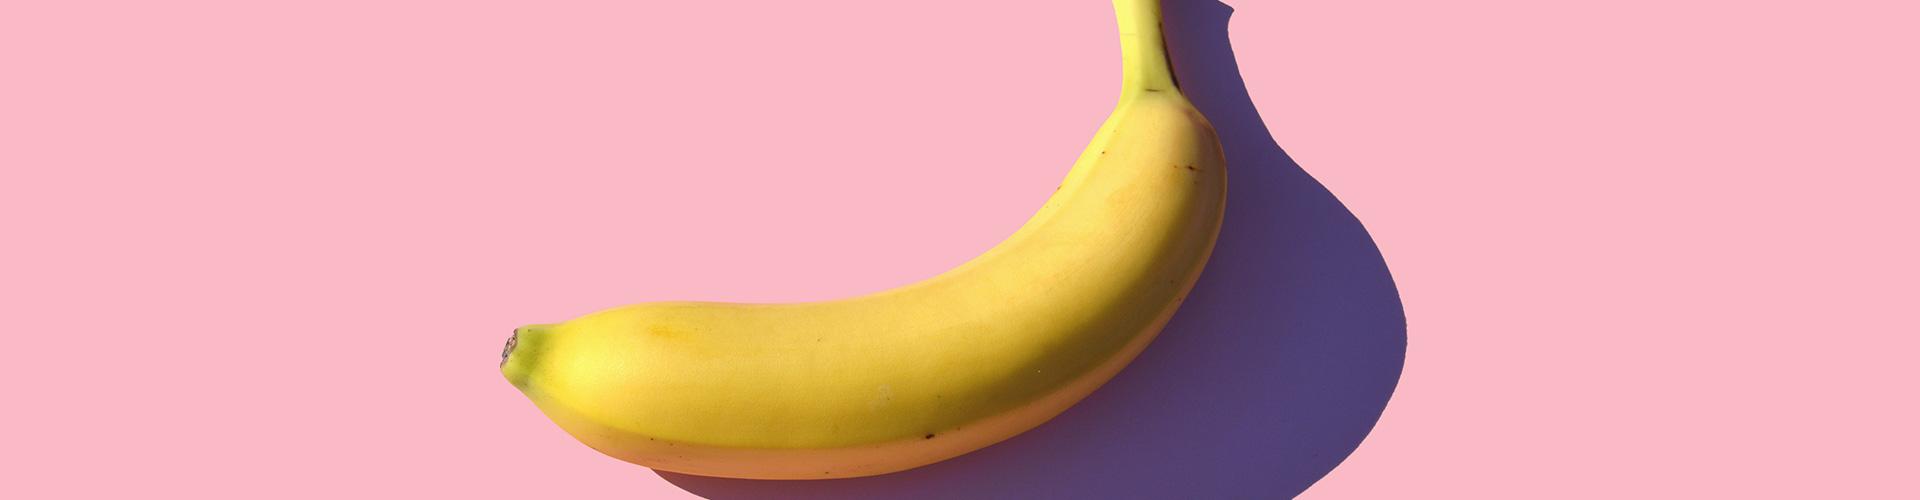 Smoothie Praliné Banane Miel : une recette facile et gourmande